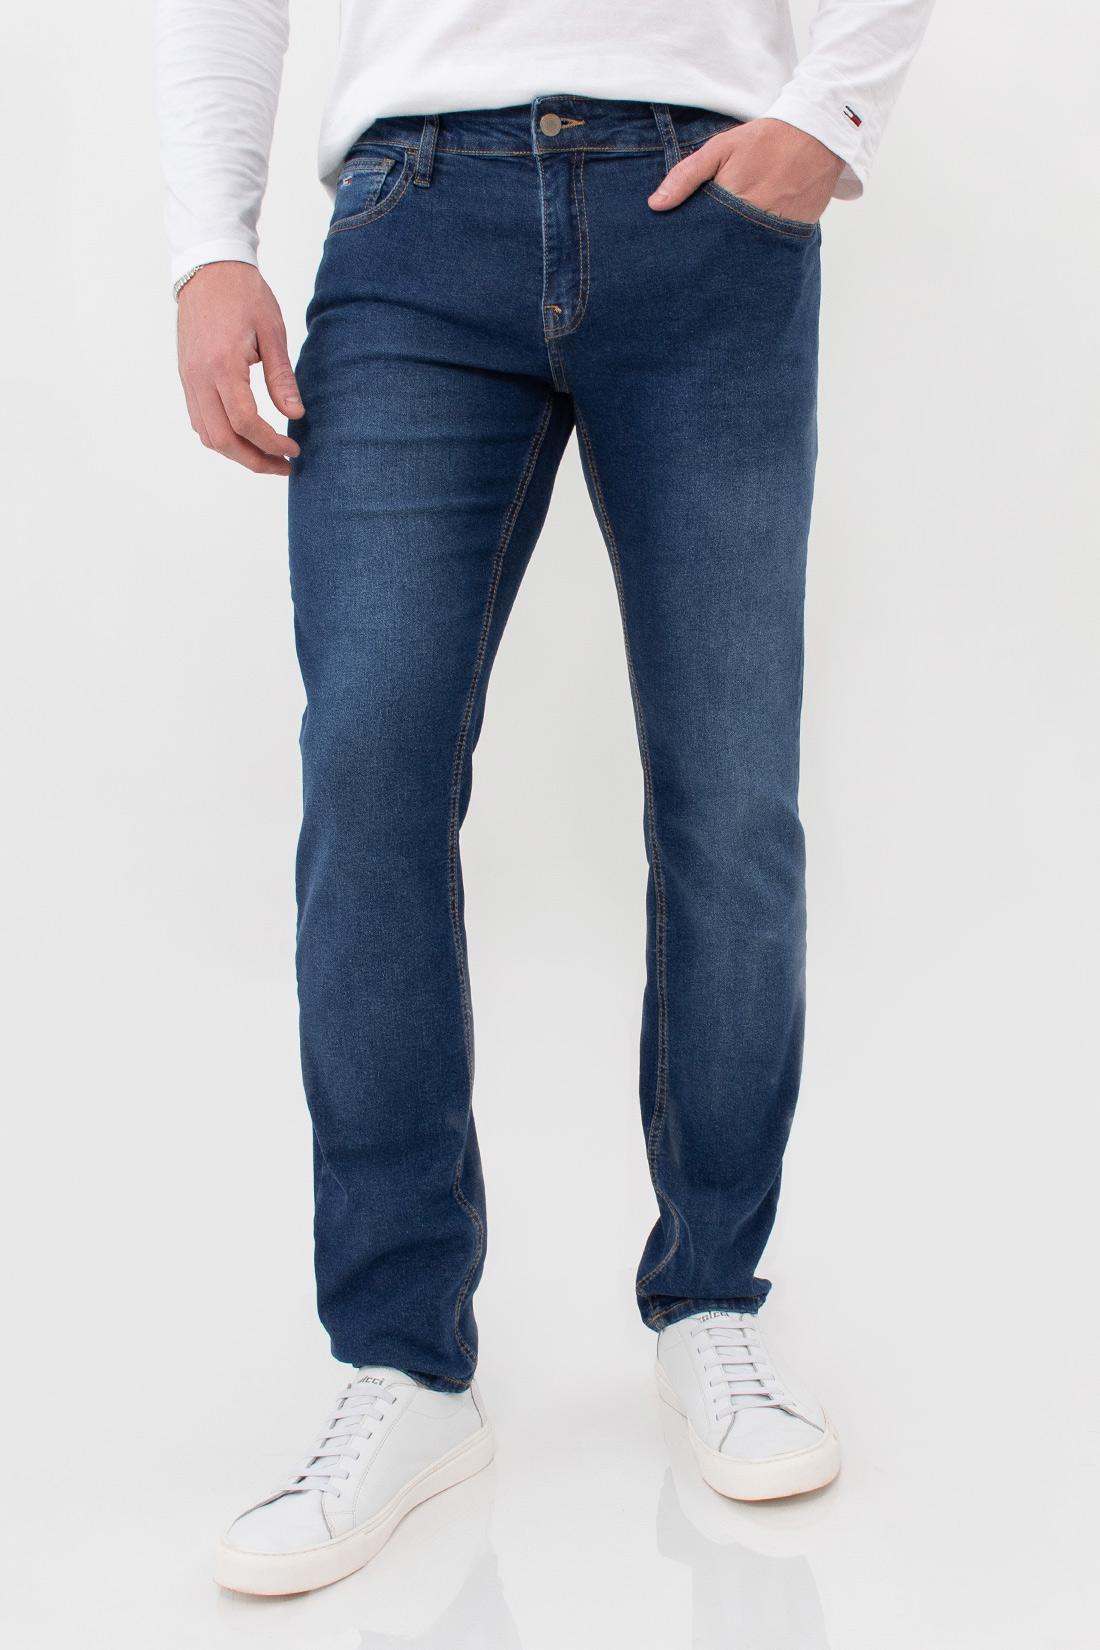 Calca Jeans Tommy Hilfiger Scanton Slim